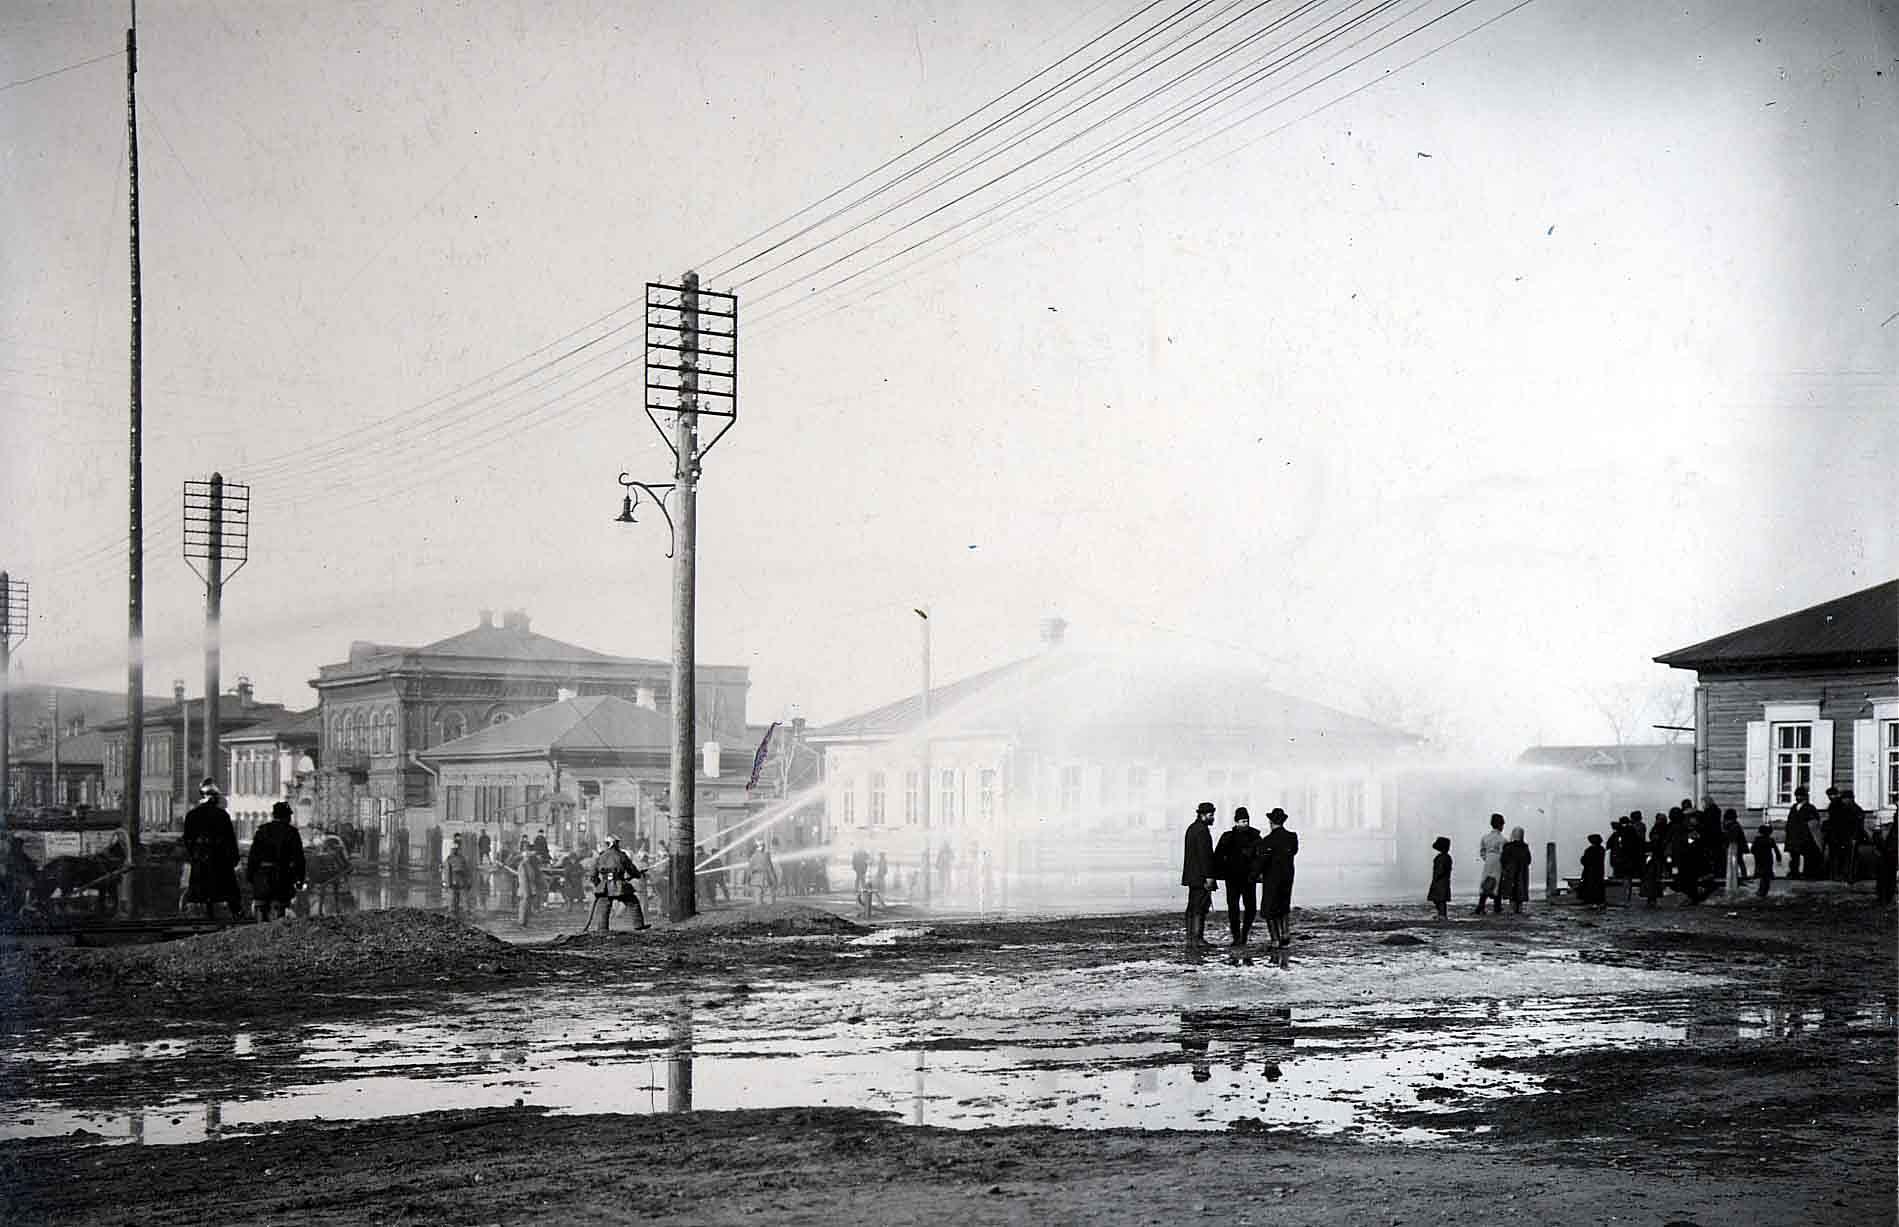 14 сентября 1913 года пожарная дружина вольно - пожарного общества, подключив рукава к гидрантам, устроила показательный водяной фейерверк на радость собравшихся горожан.